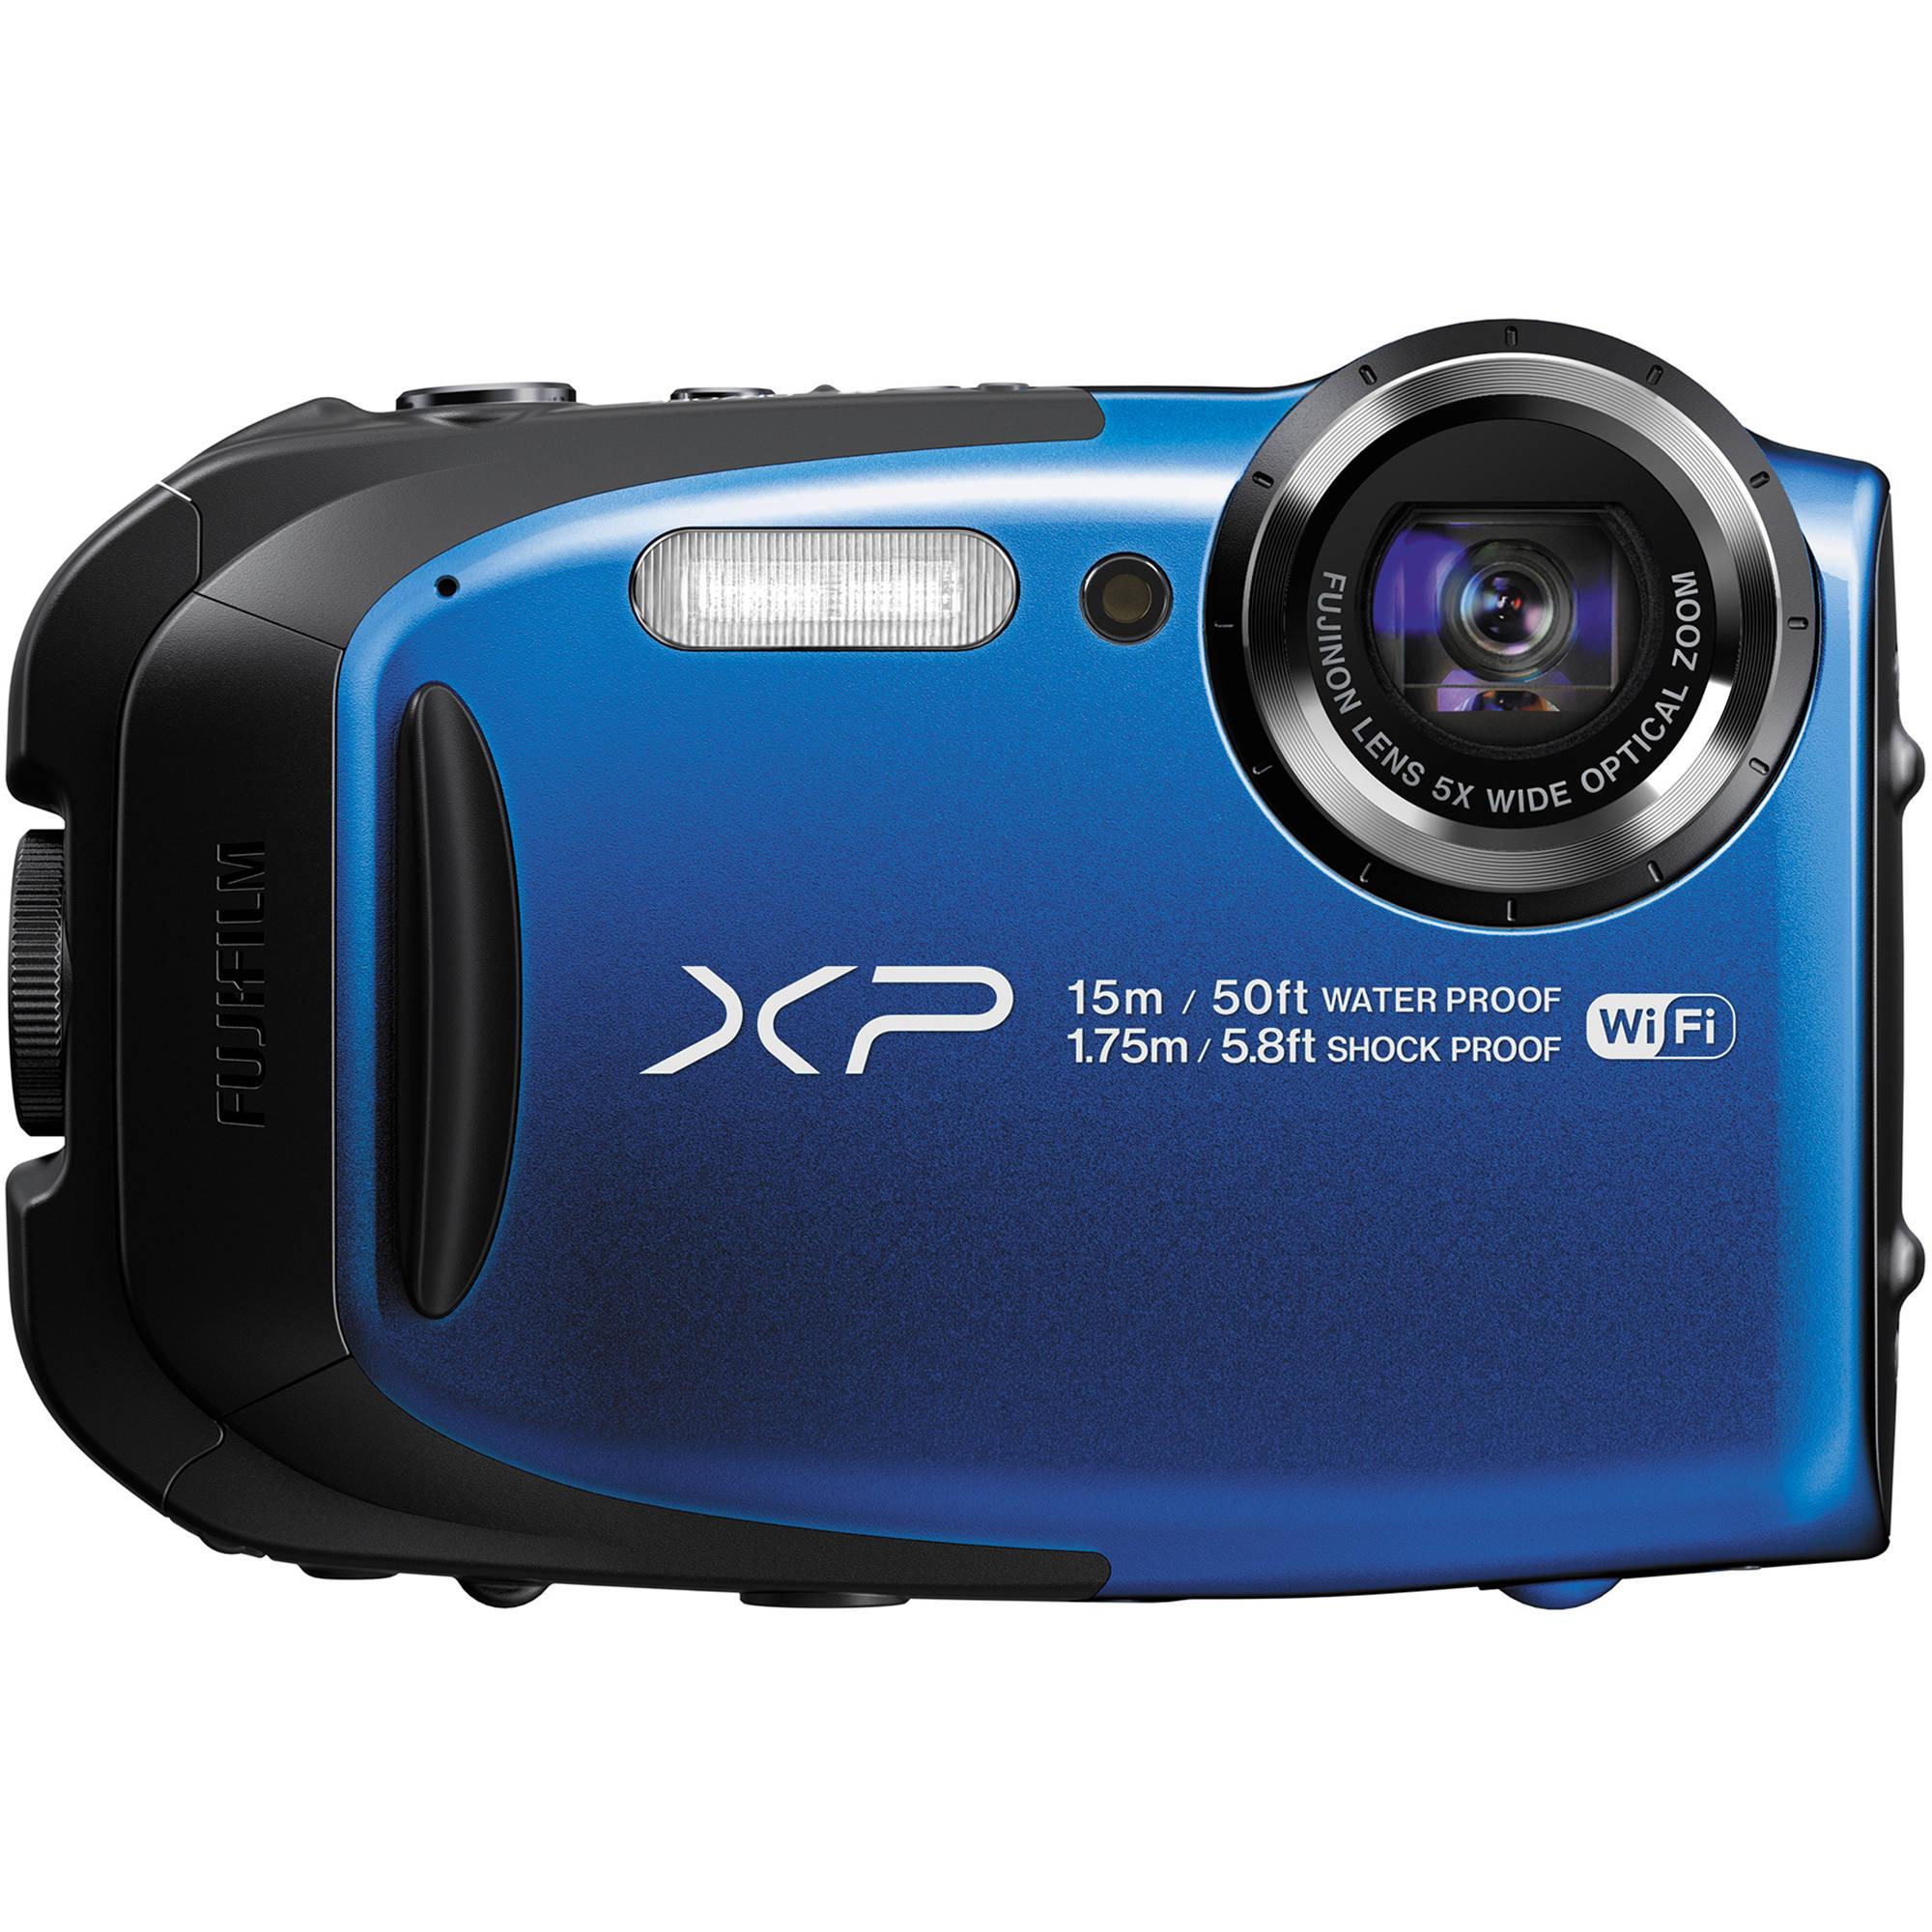 Use fuji finepix camera